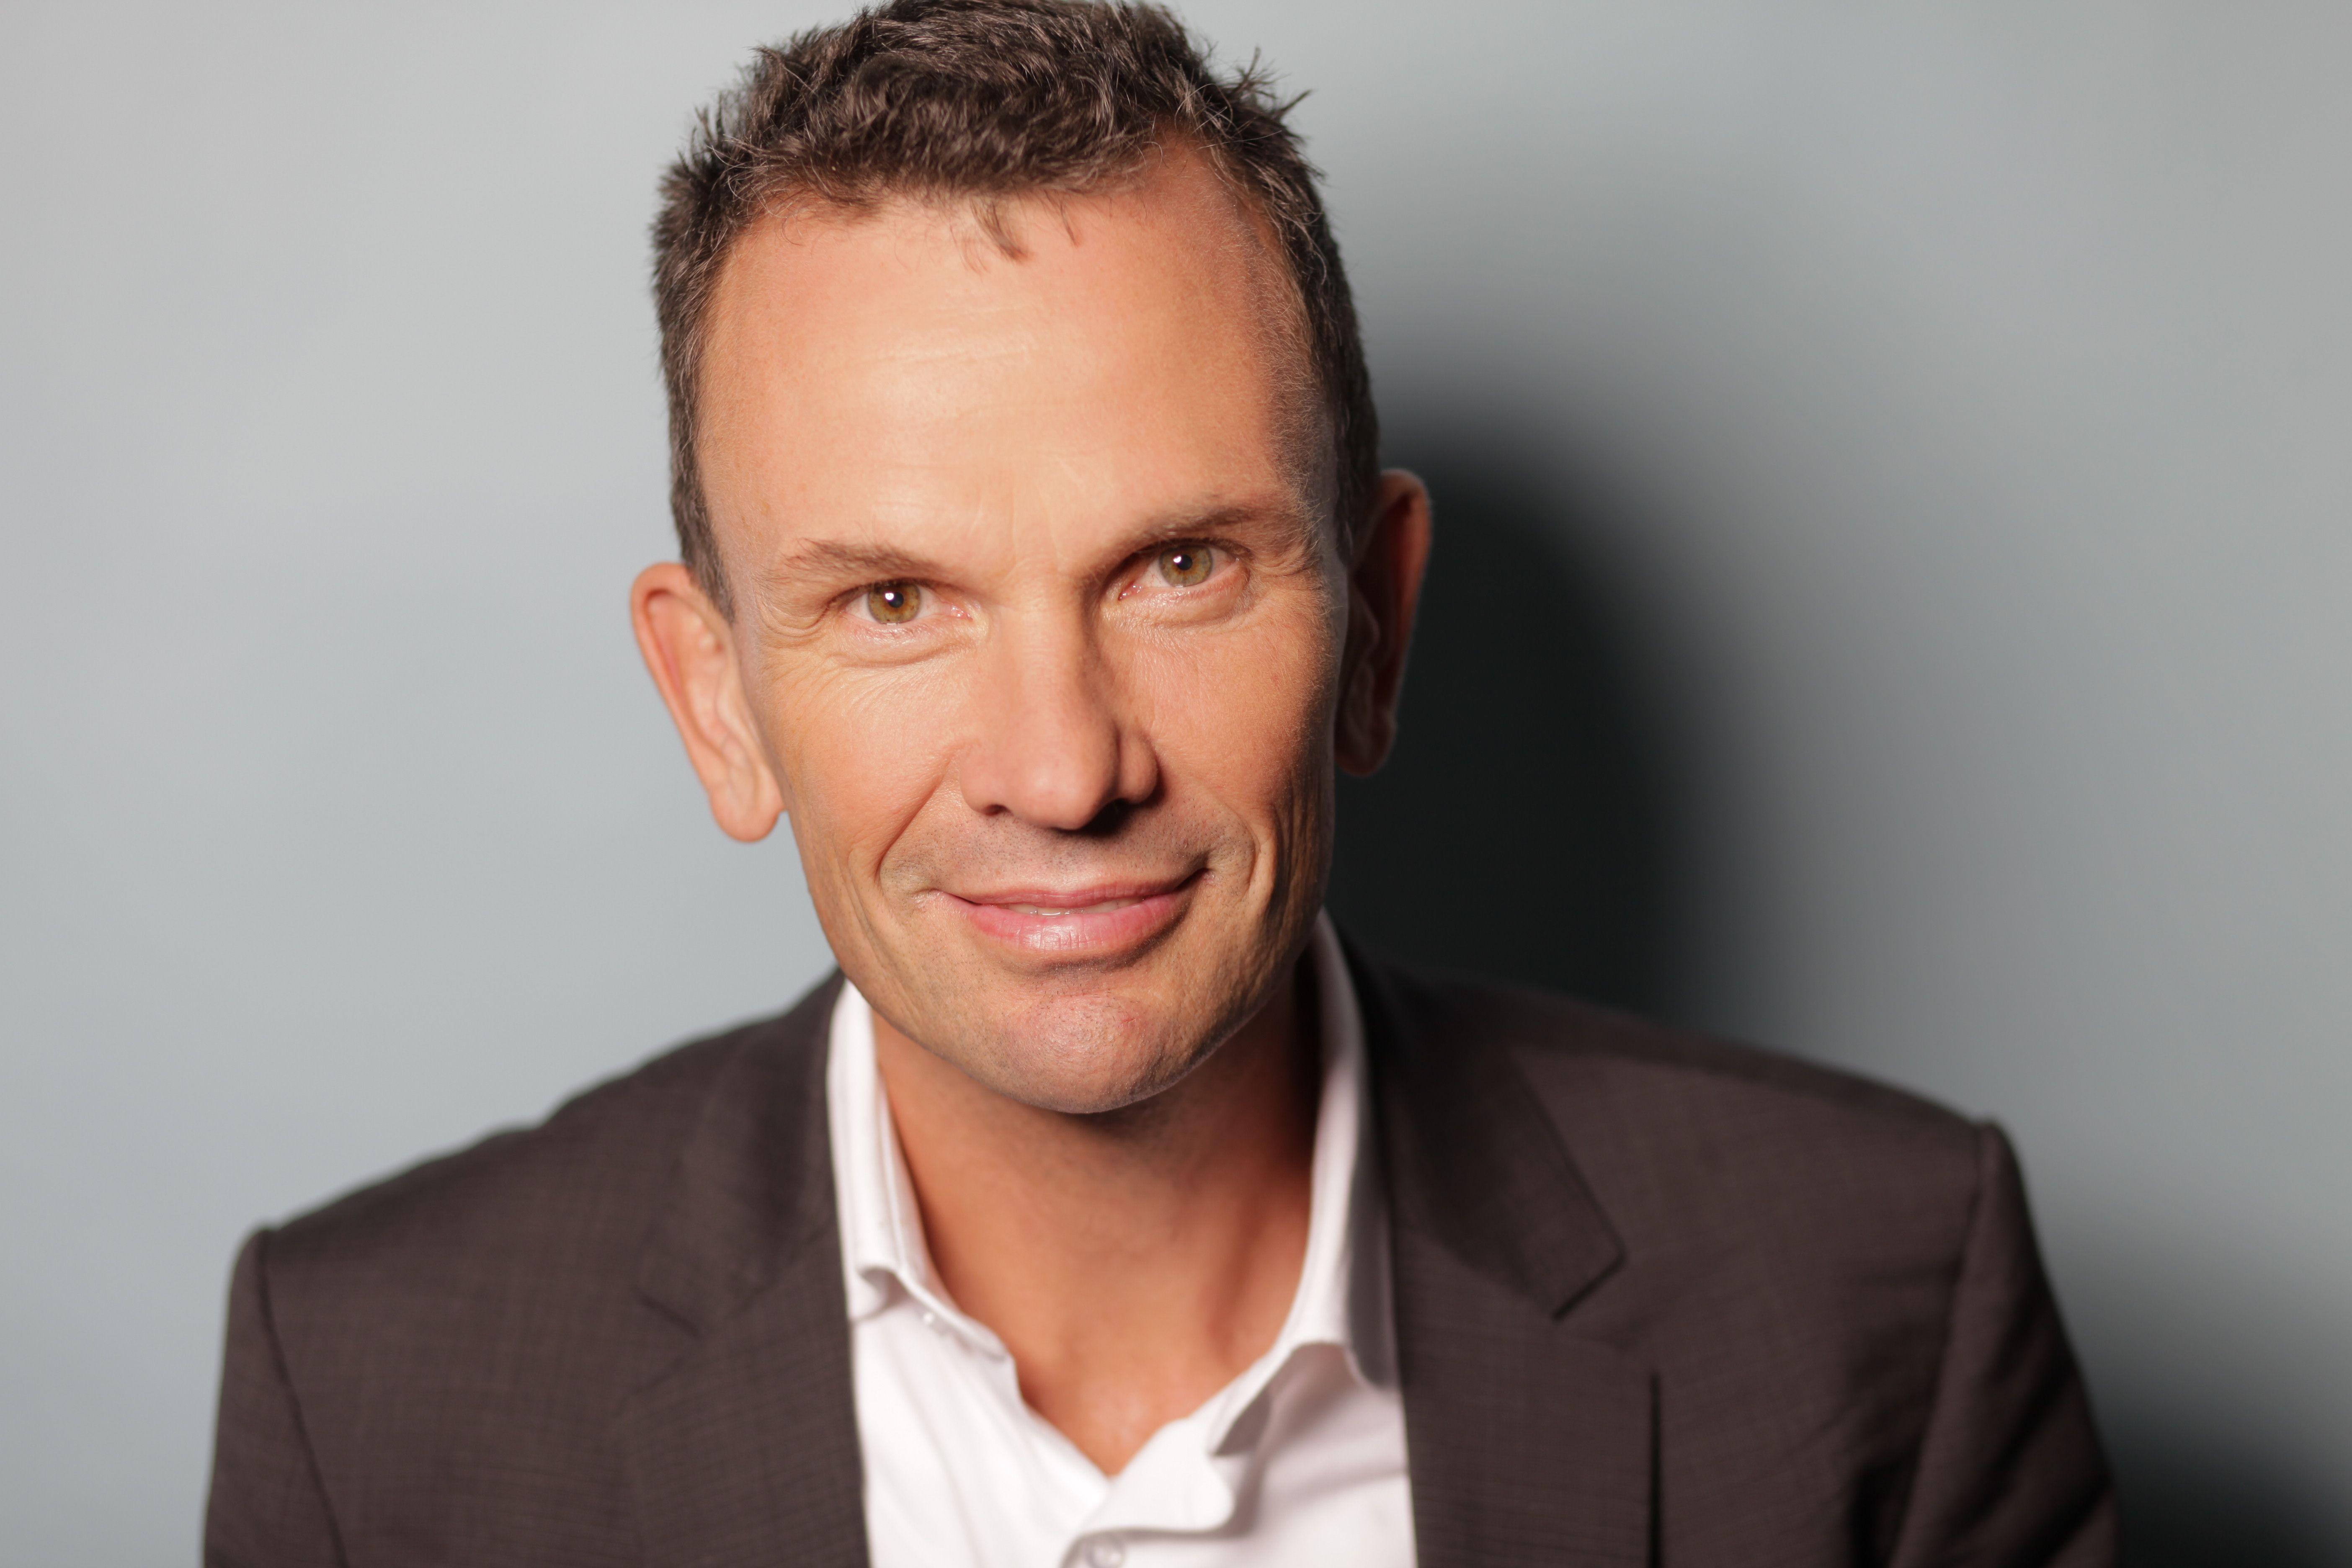 Ulrich Ehrlenspiel übernimmt die Sachbuch-Programmleitung bei Goldmann